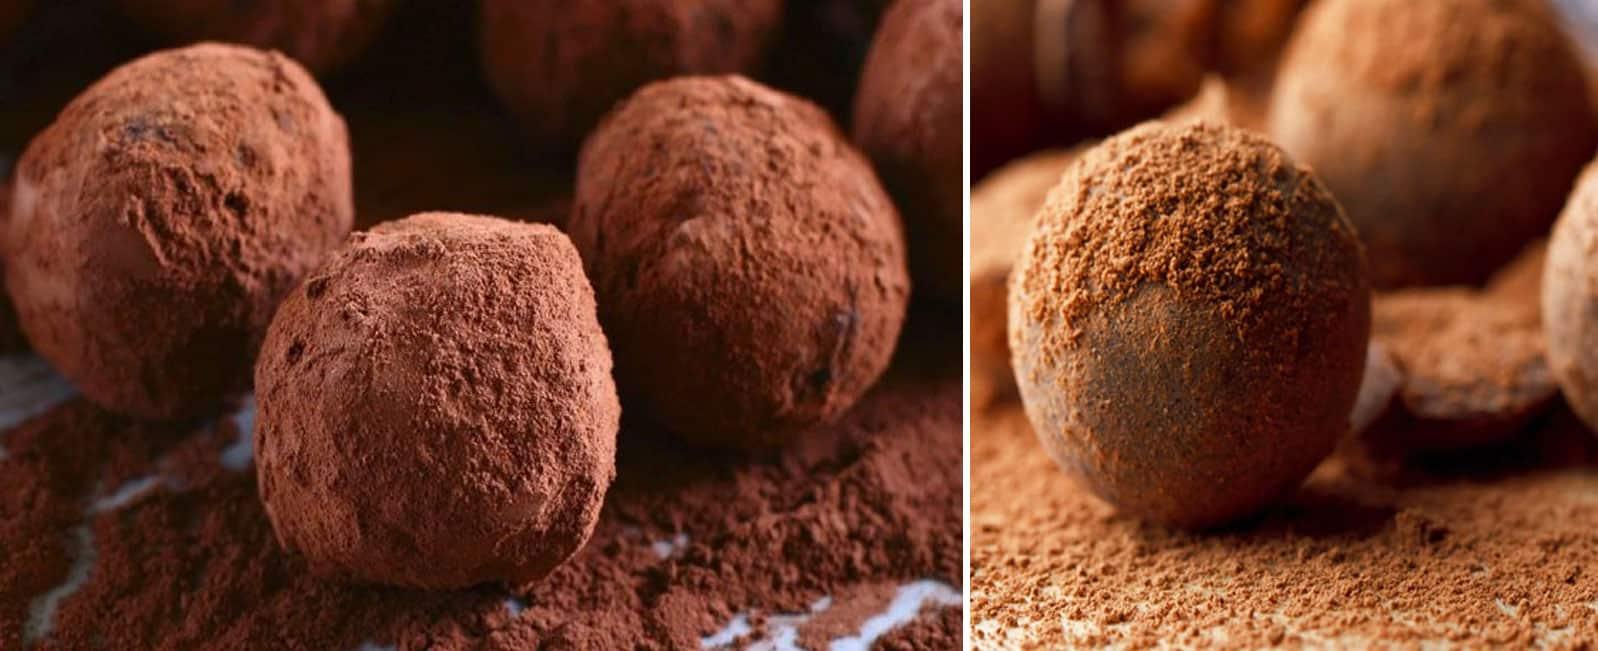 trufa chocolate